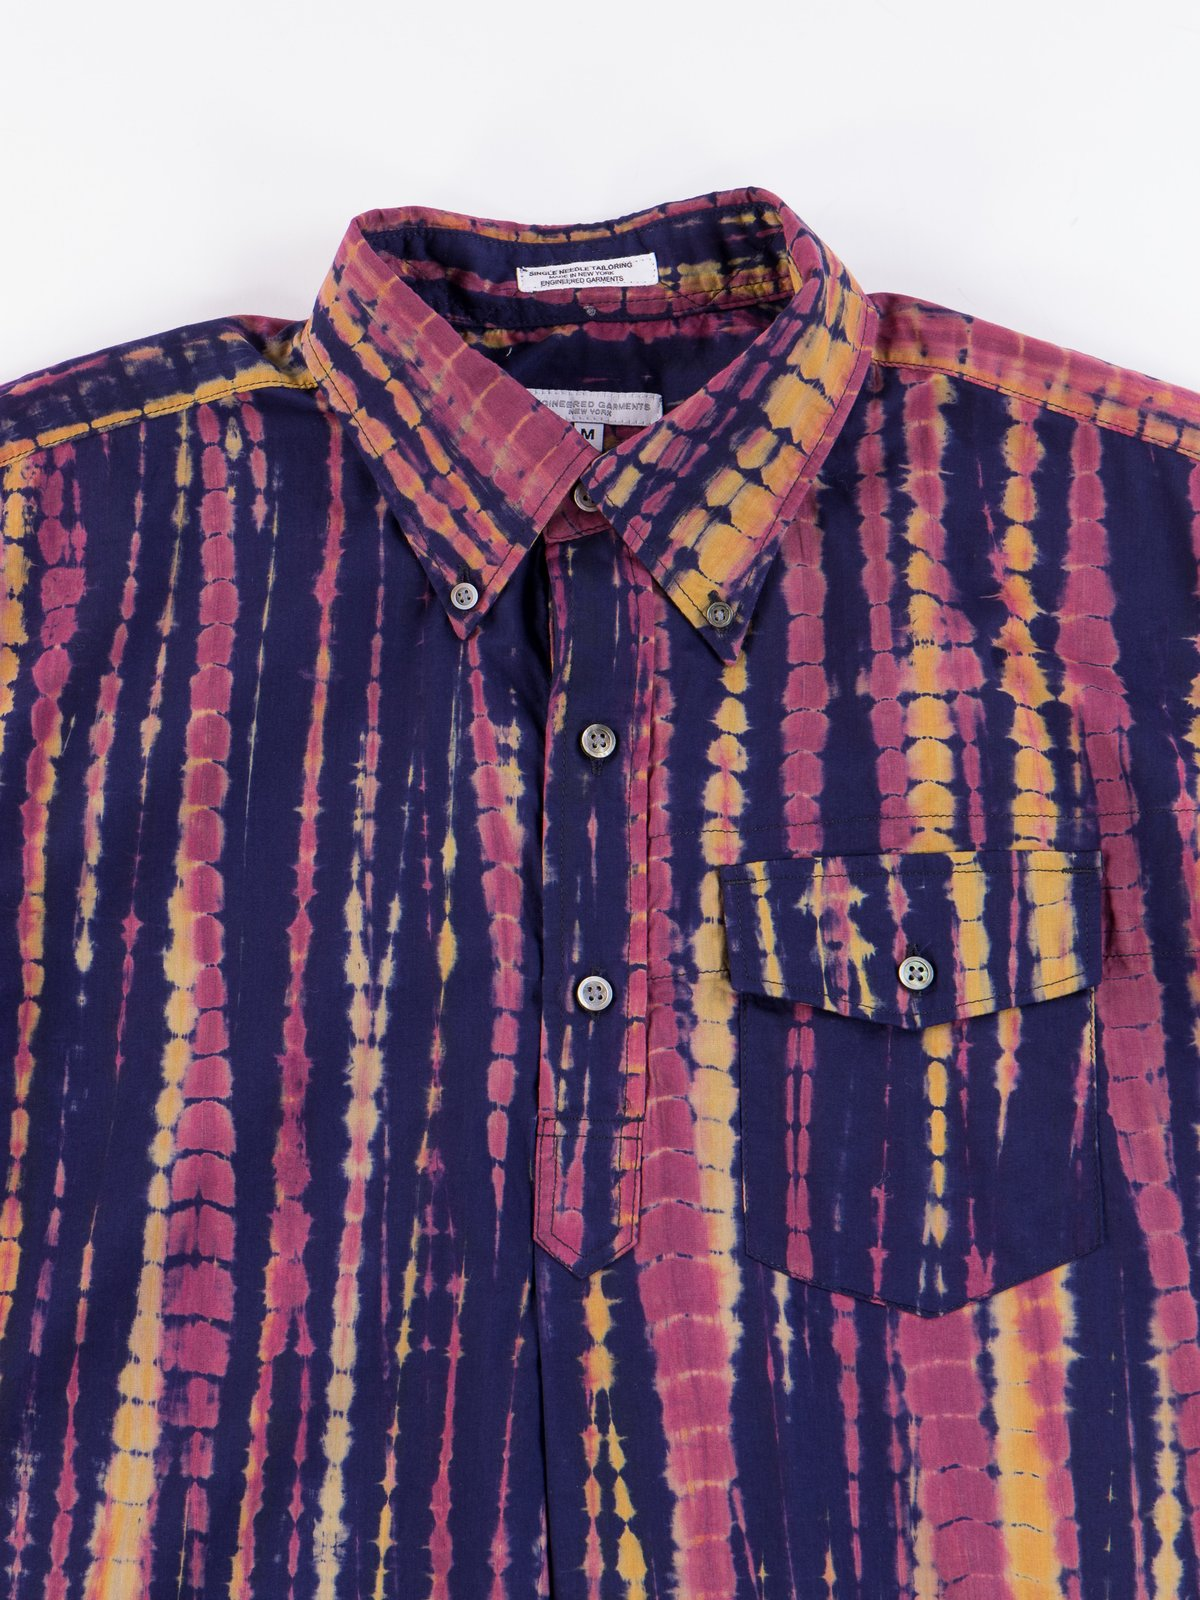 Navy Cotton Lawn Batik Stripe Popover BD Shirt - Image 4